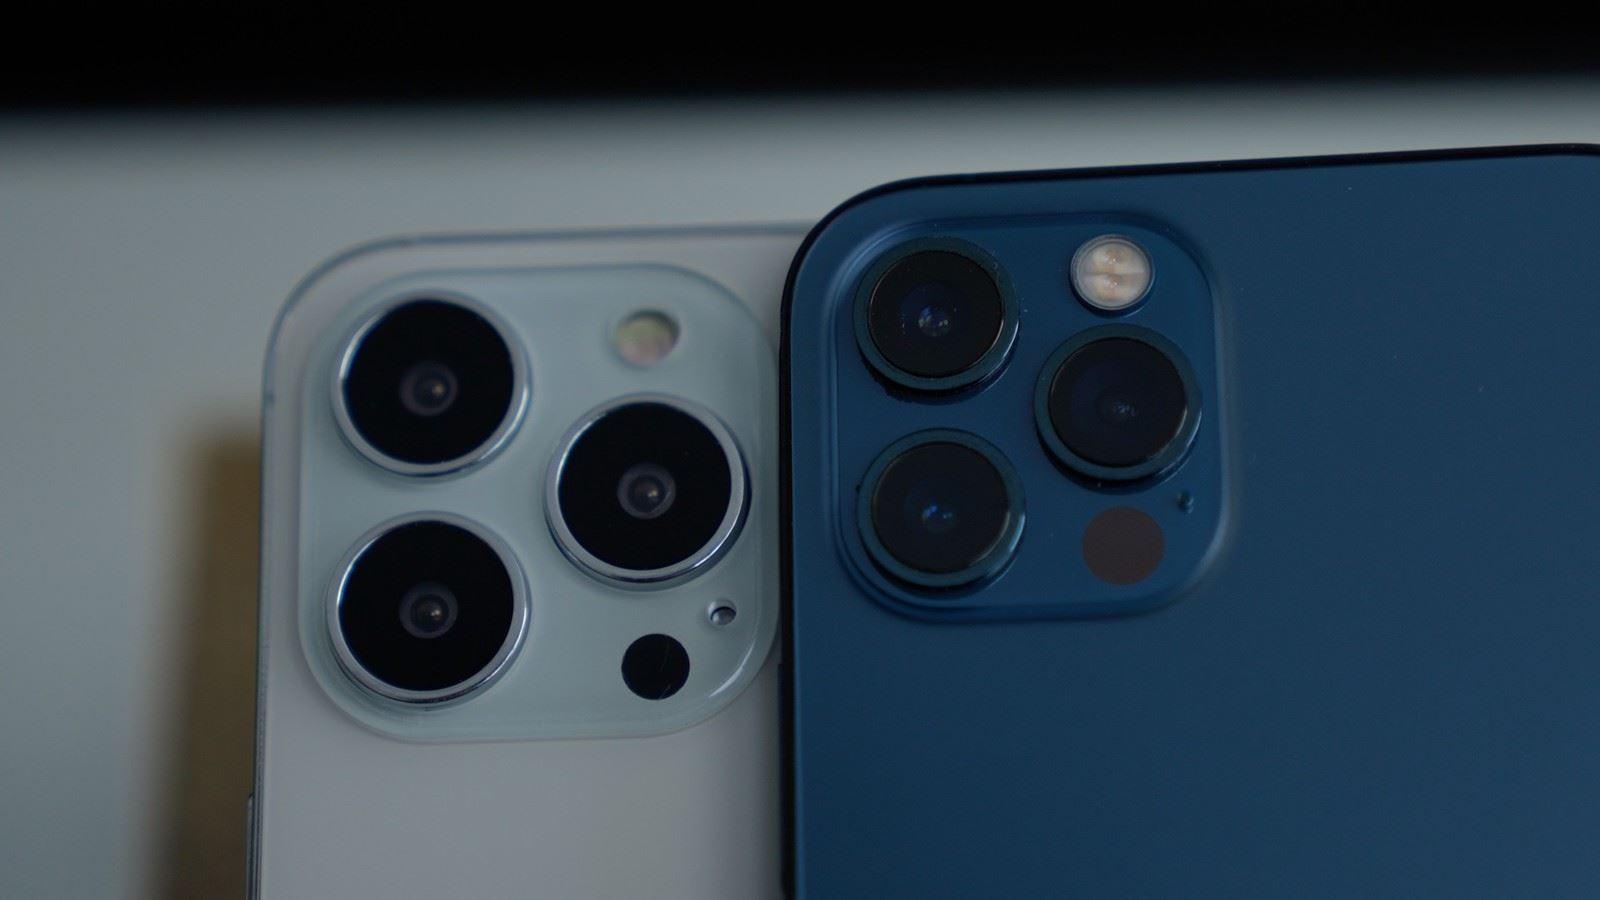 Atrapy iPhone 13 / 13 Pro pokazane w nowym filmie polecane, ciekawostki Wideo, iPhone 13 Pro, iPhone 13, Apple  Wiele atrap iPhone 13 pojawiło się w ciągu ostatnich kilku tygodni. Pierwsze zostały ujawnione przez Sonny'ego Dicksona, który dał nam pierwsze spojrzenie na większy moduł kamery. iphone 12 pro iphone 13 pro